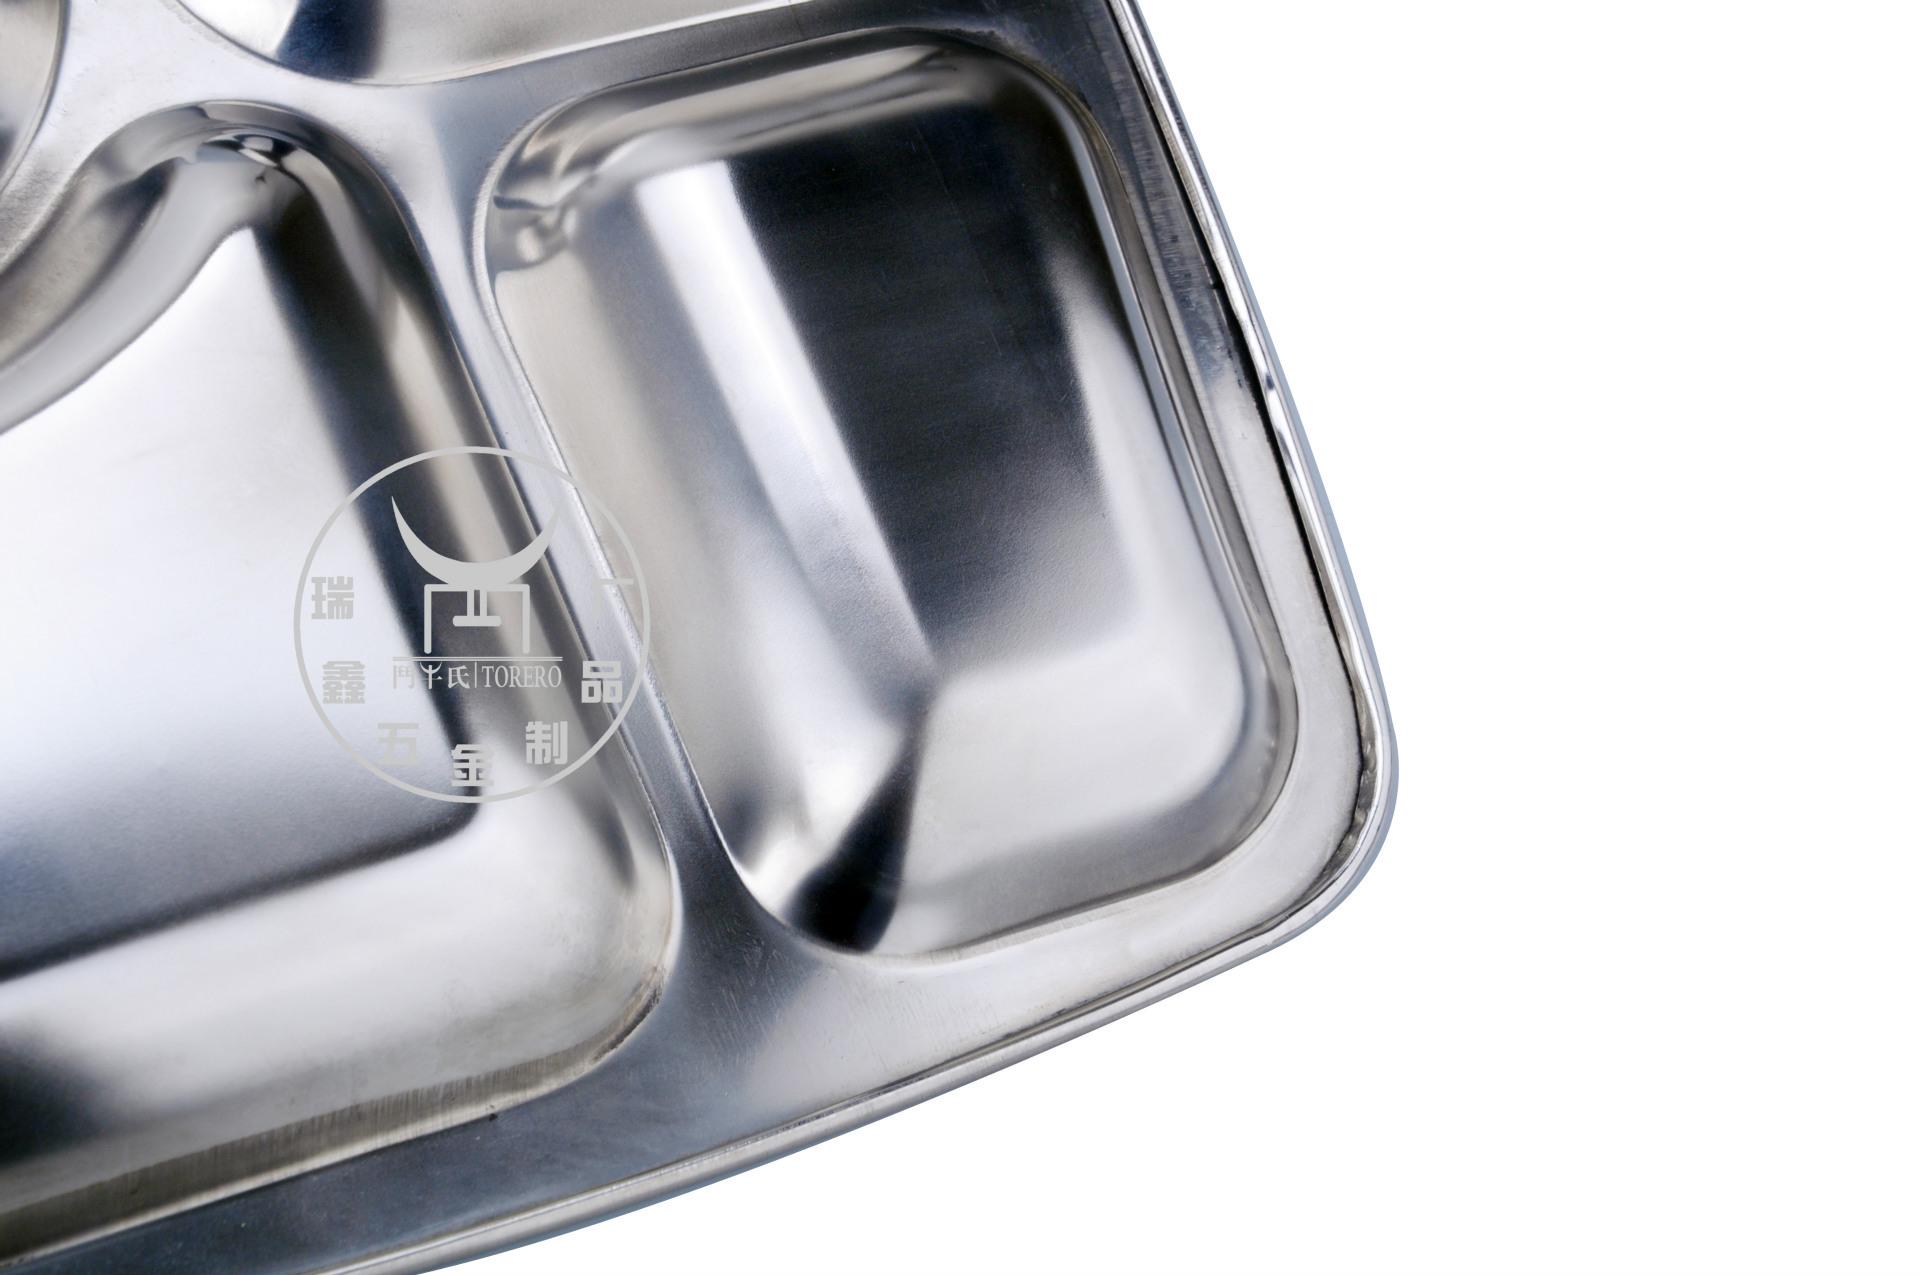 不锈钢快餐盘盘底细节